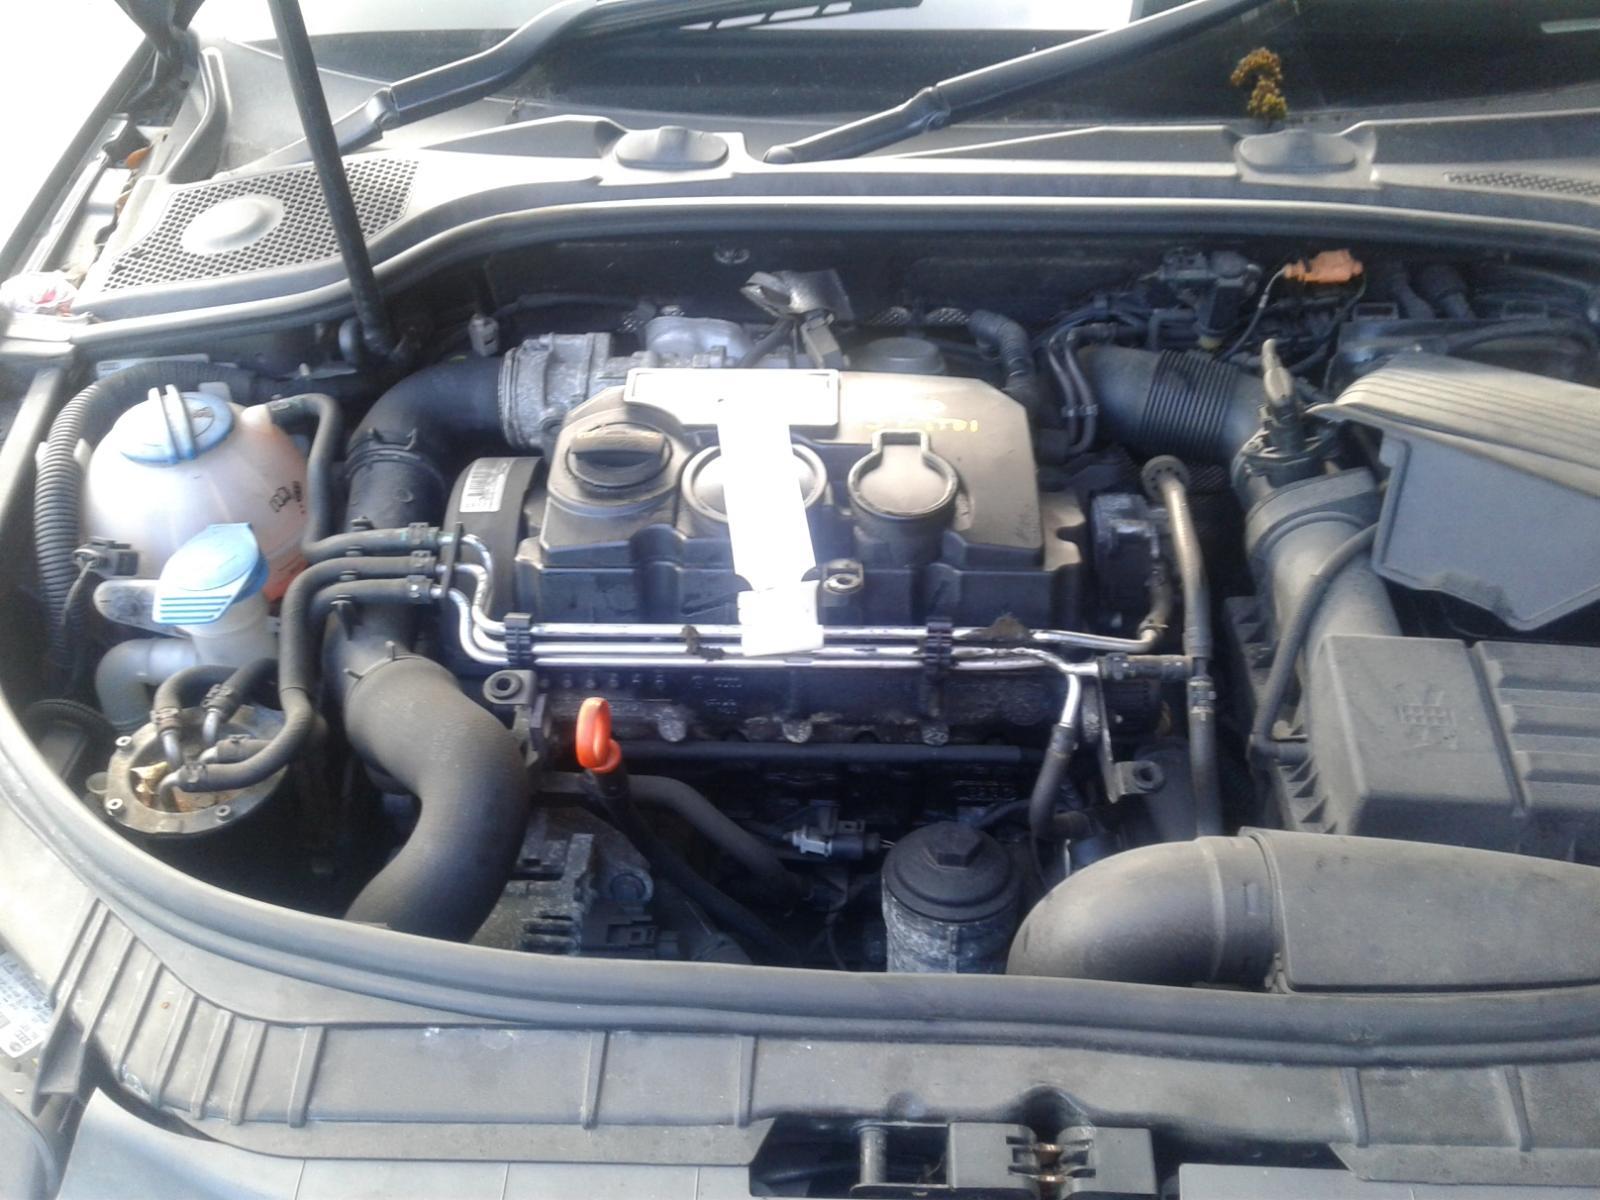 Image for a AUDI A3 2009 5 Door Hatchback